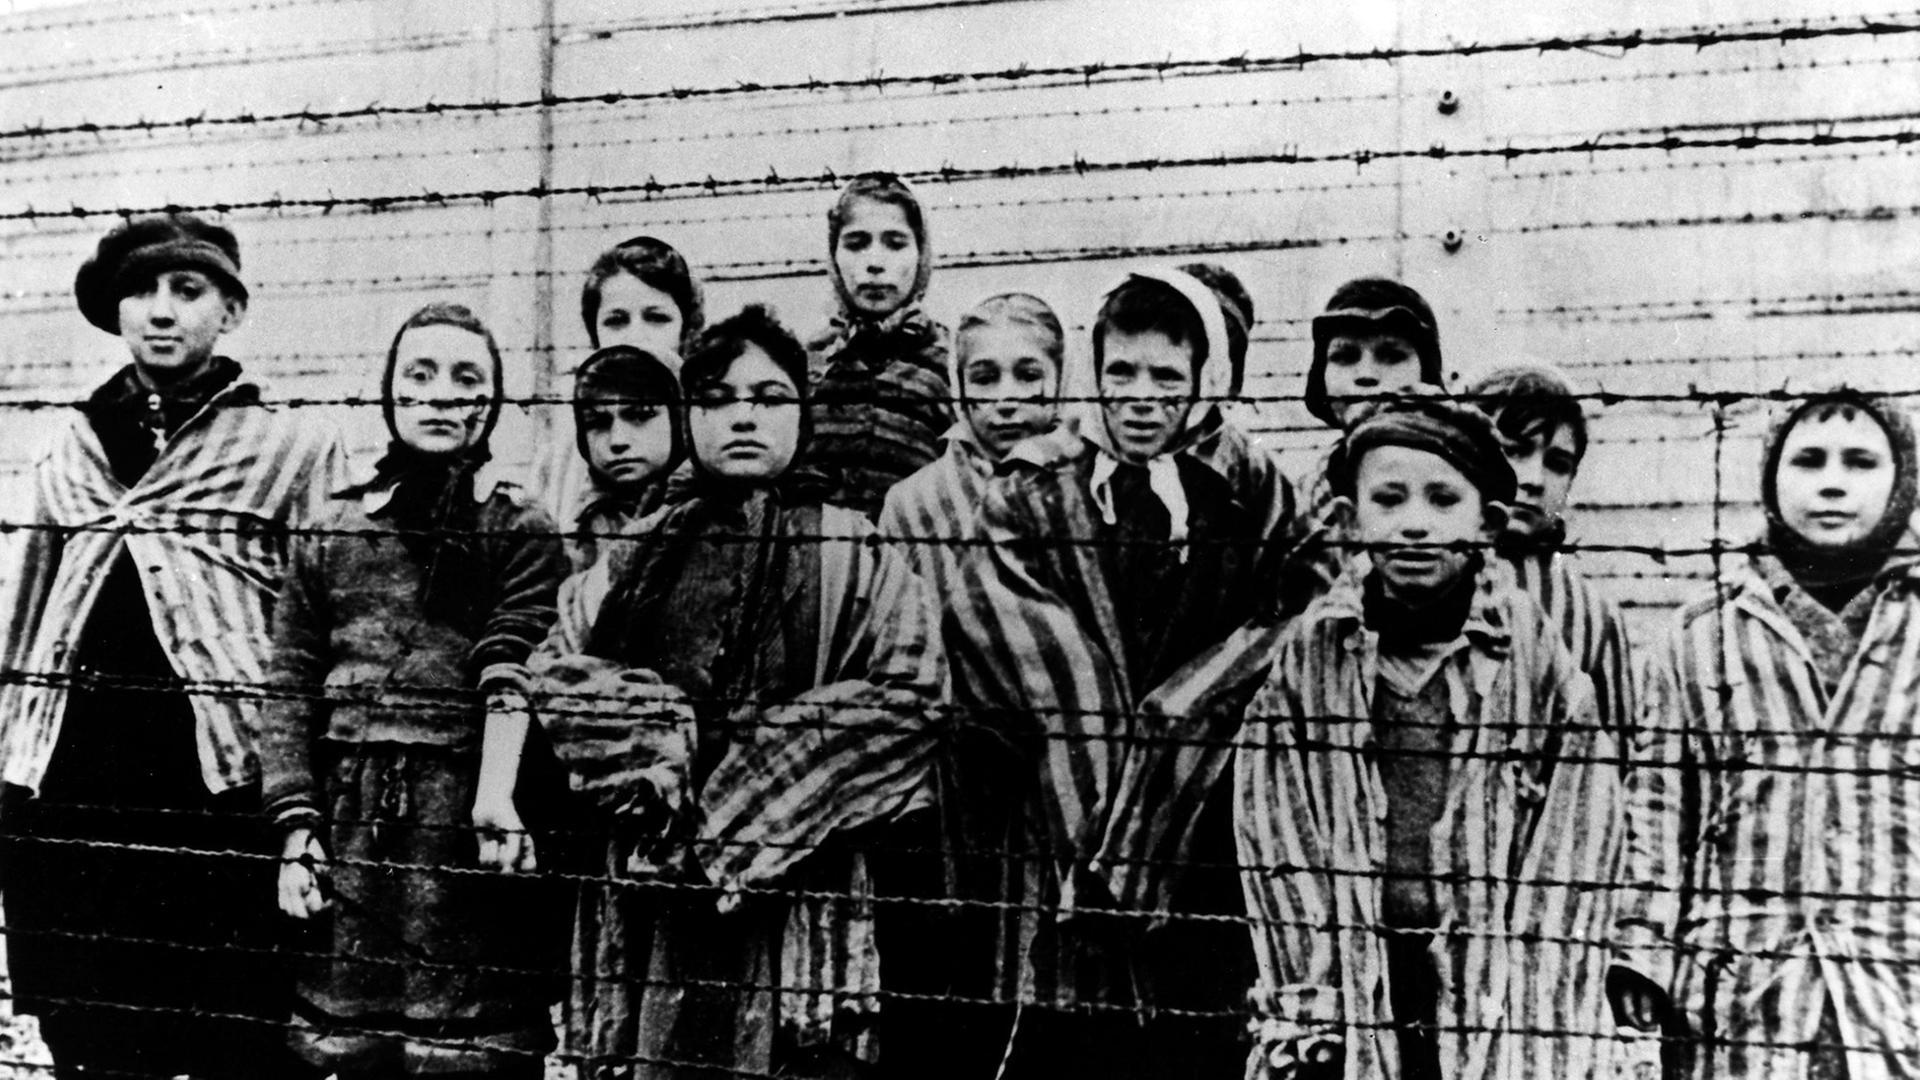 warum wurden juden verfolgt